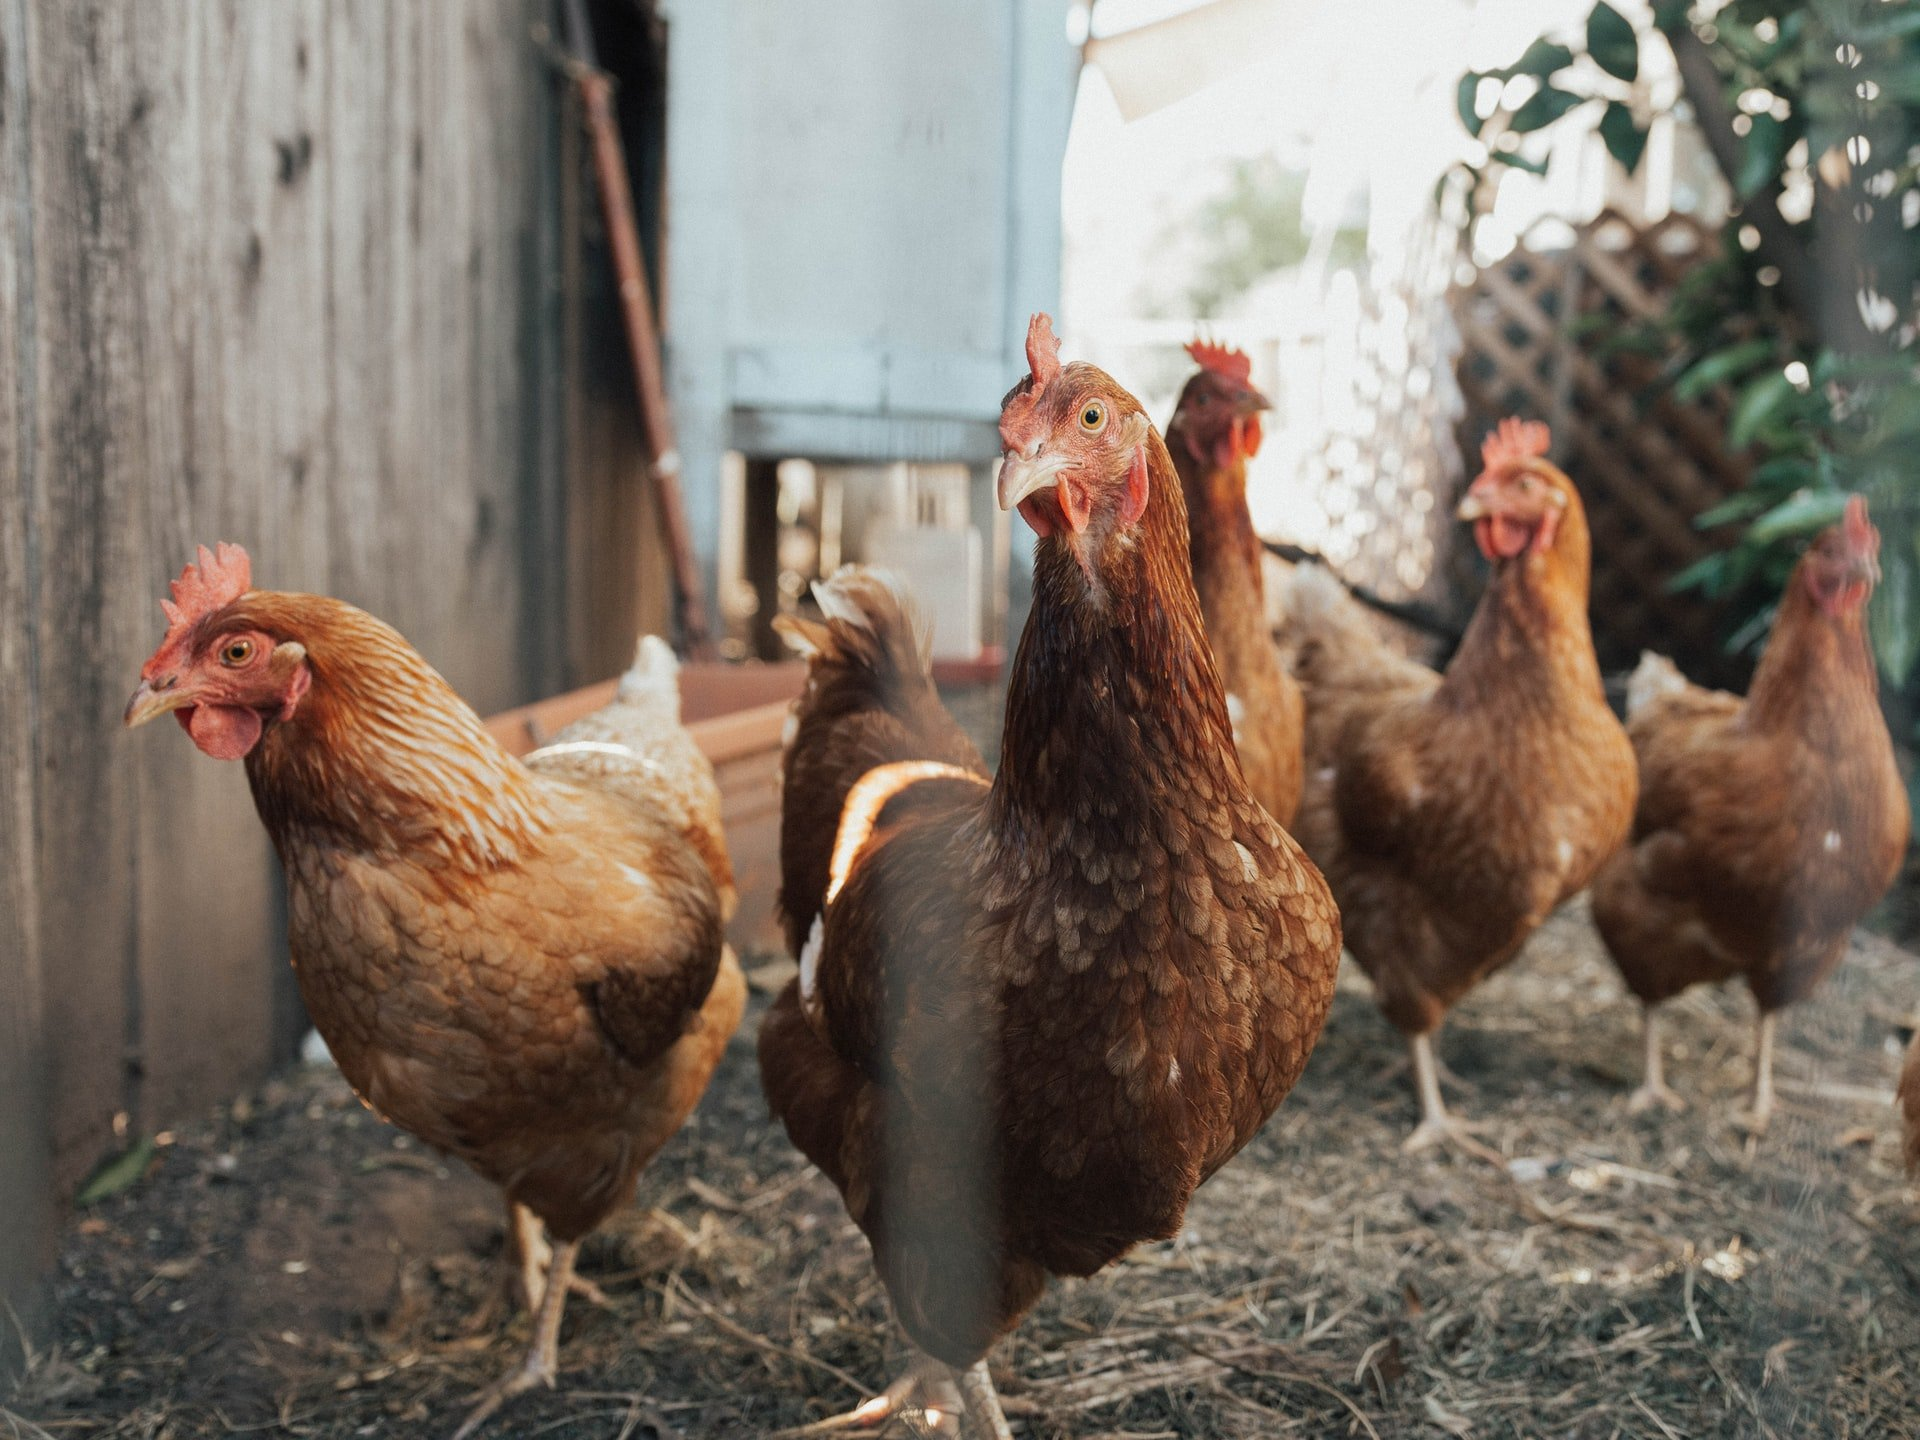 Ingratidão: pessoas adotaram galinhas na pandemia e agora estão se livrando delas